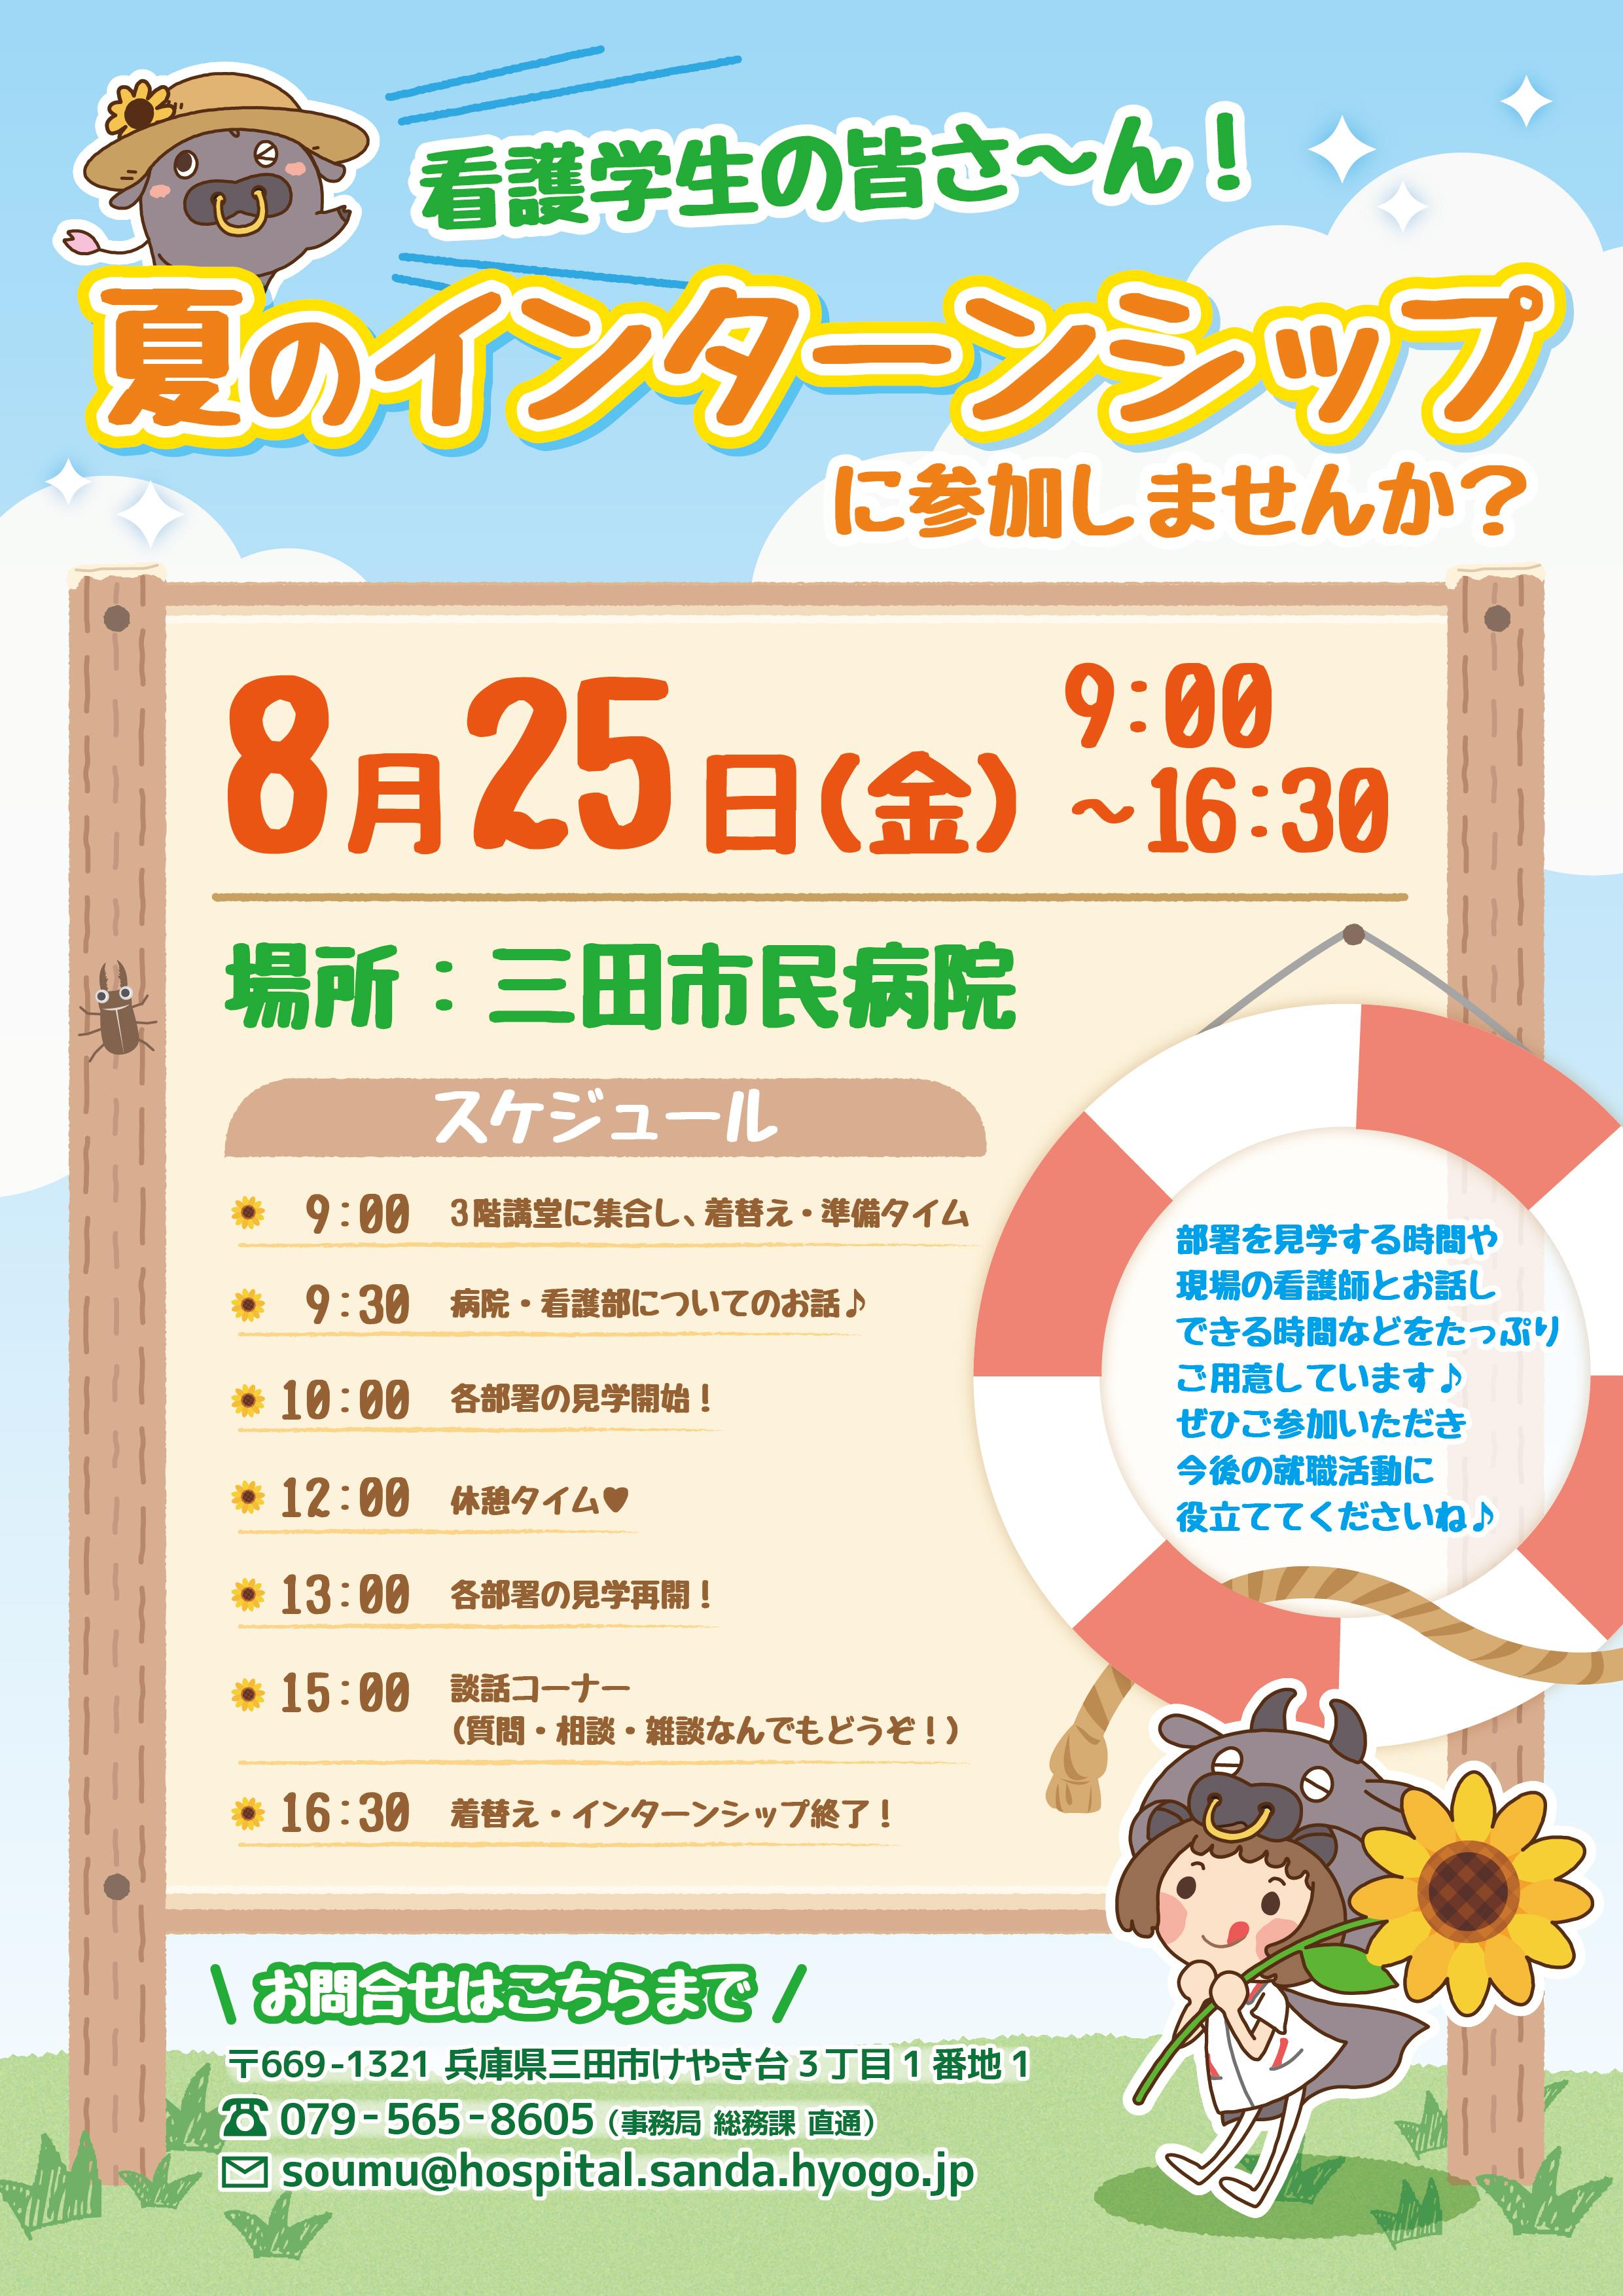 170721三田市民病院様_インターンシップweb用データ調整ver11.jpg